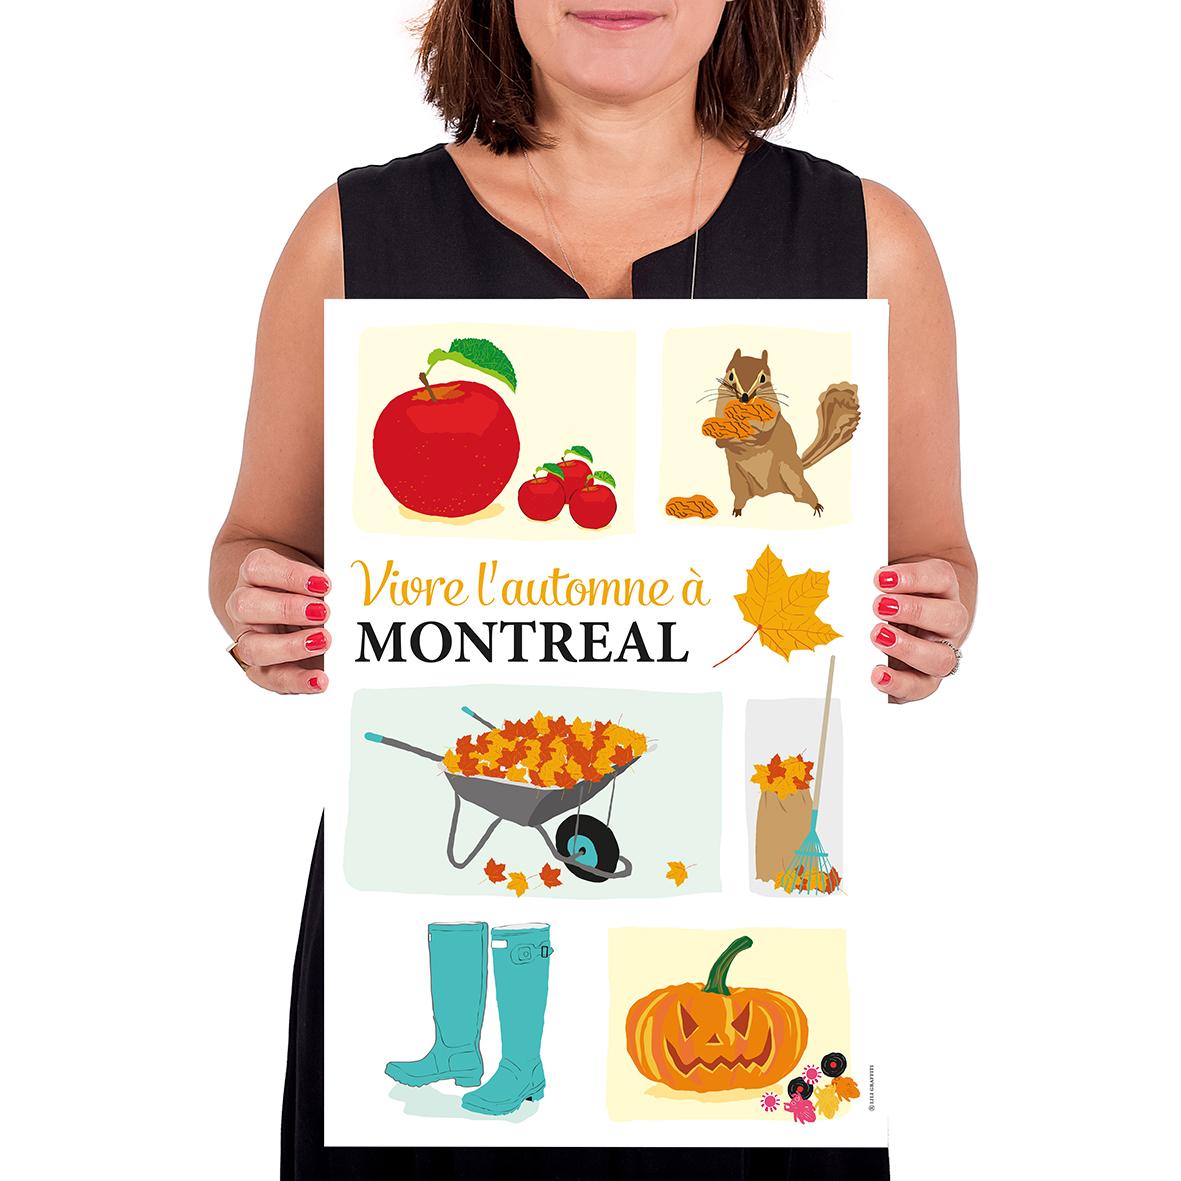 Affiche – Vivre l'automne à Montréal